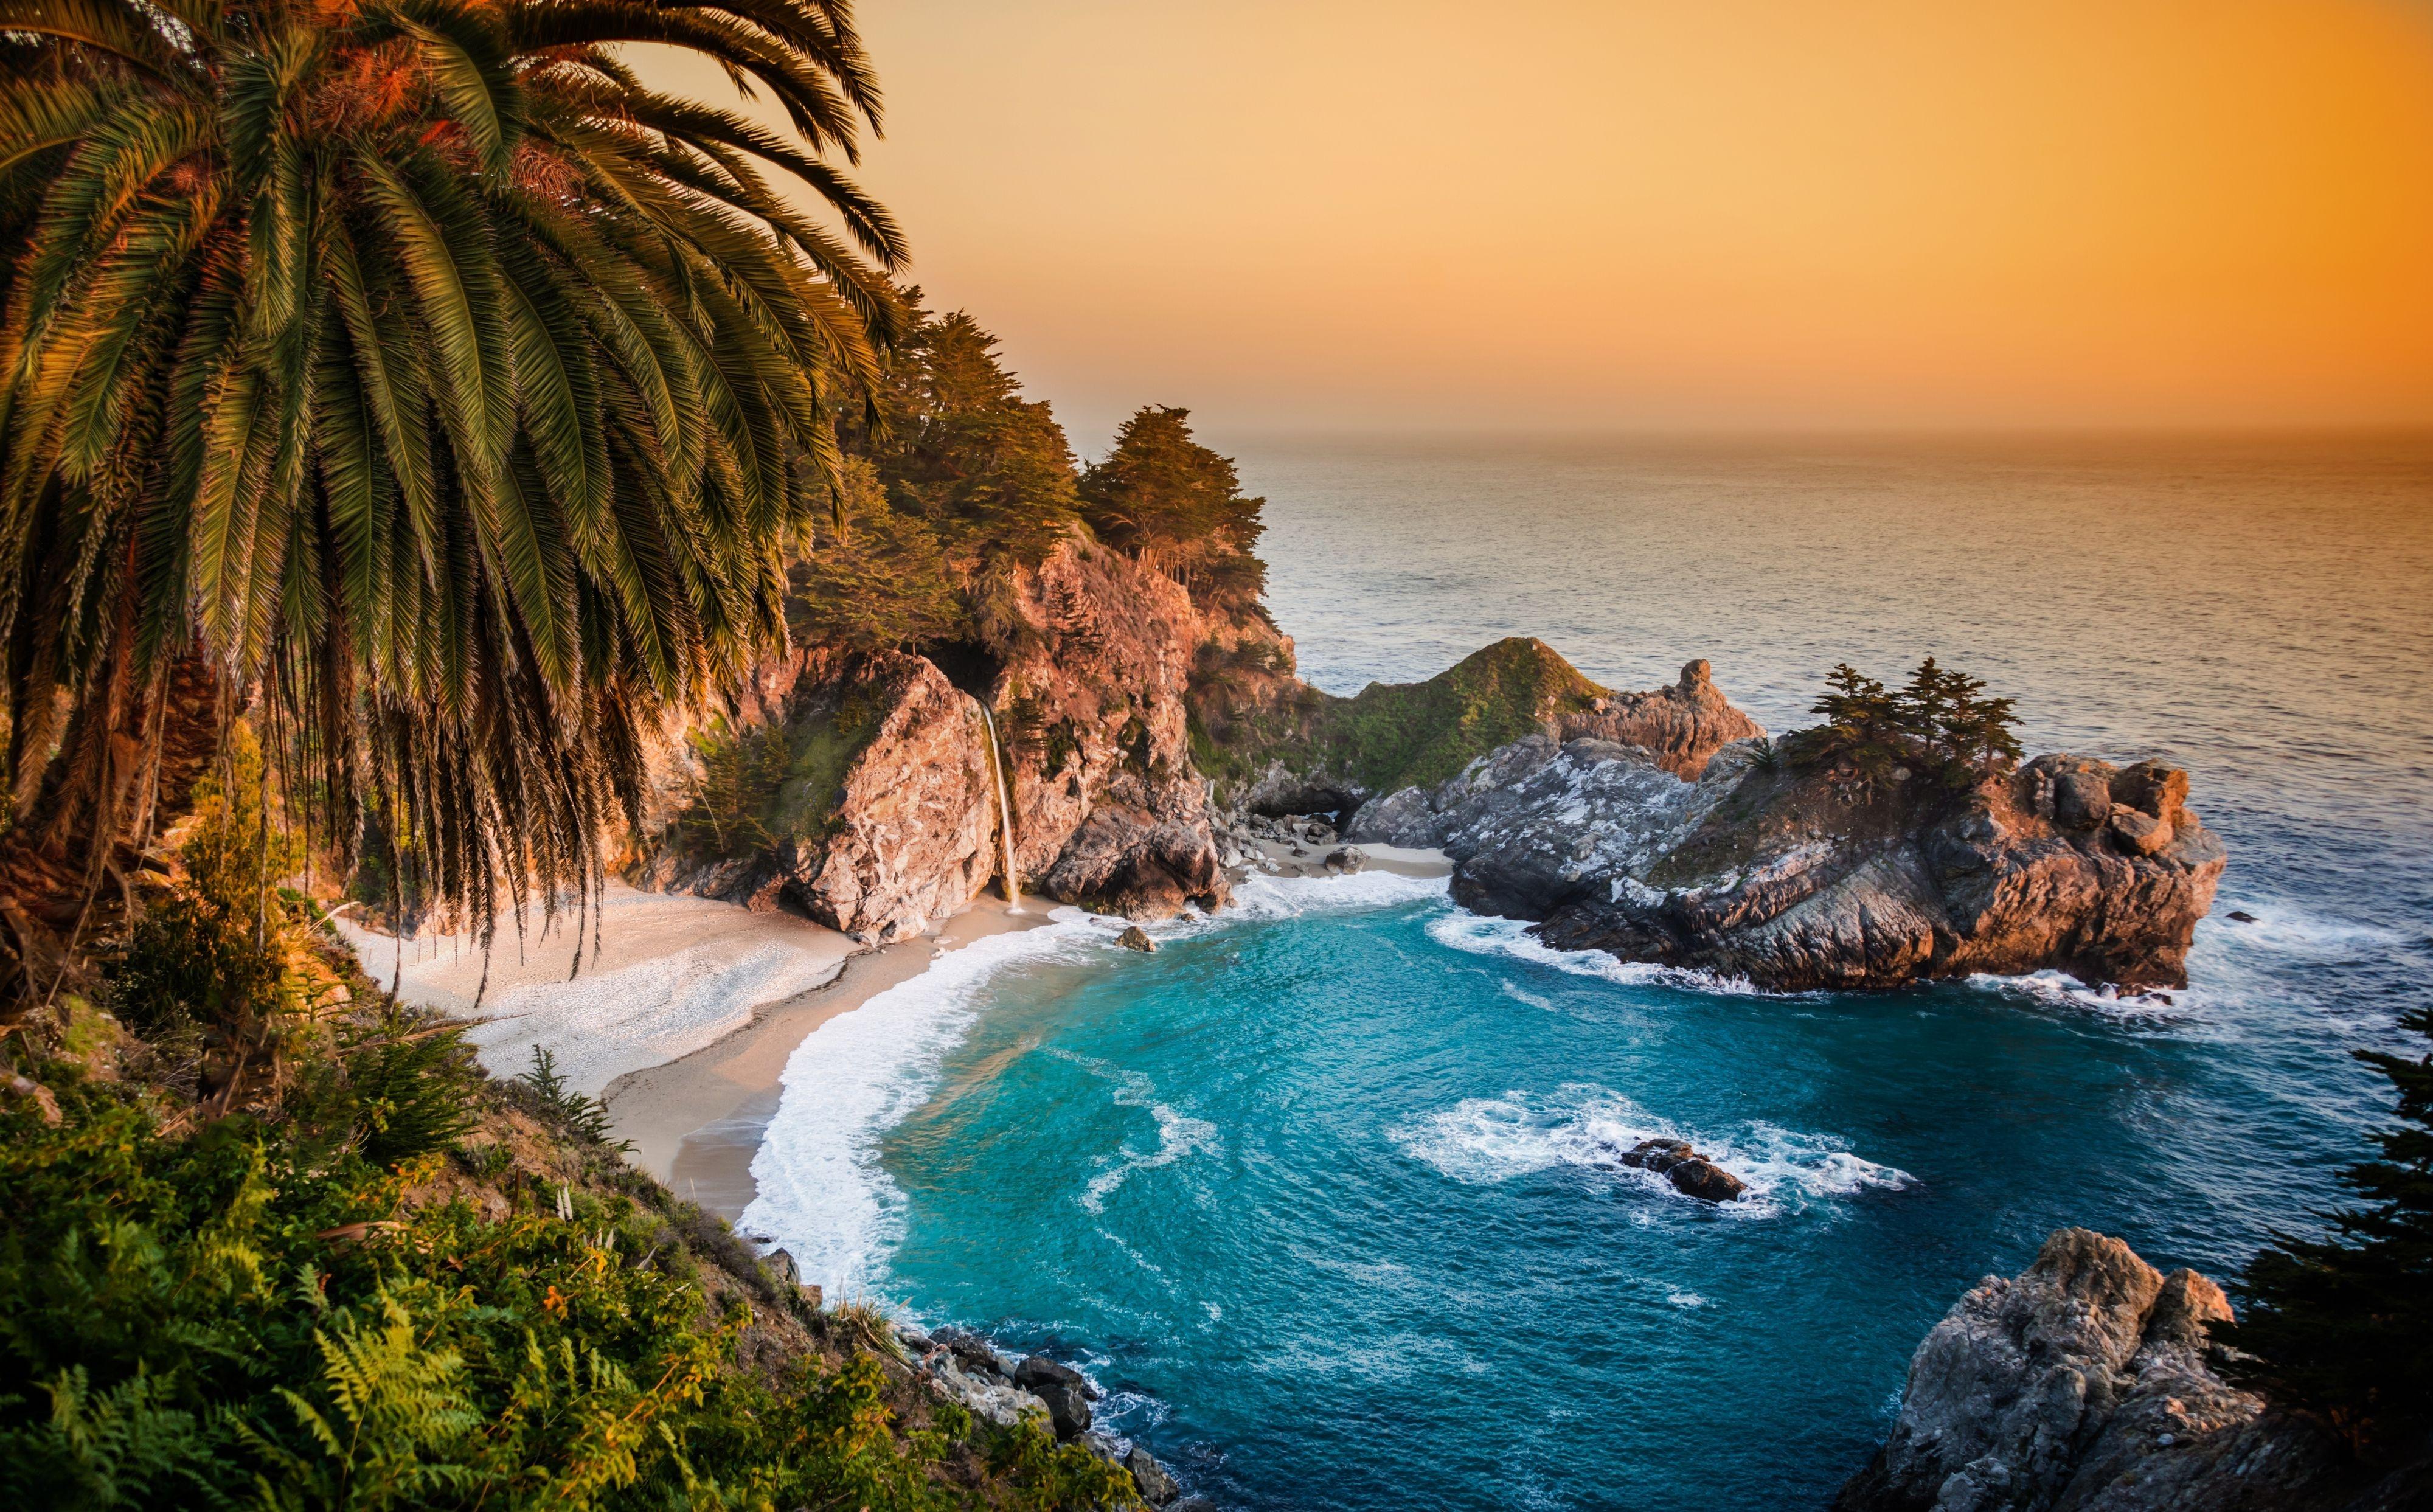 Pacific Ocean Big Sur California Beach 4k Hd Desktop: California Pacific Ocean Waterfall Wallpaper